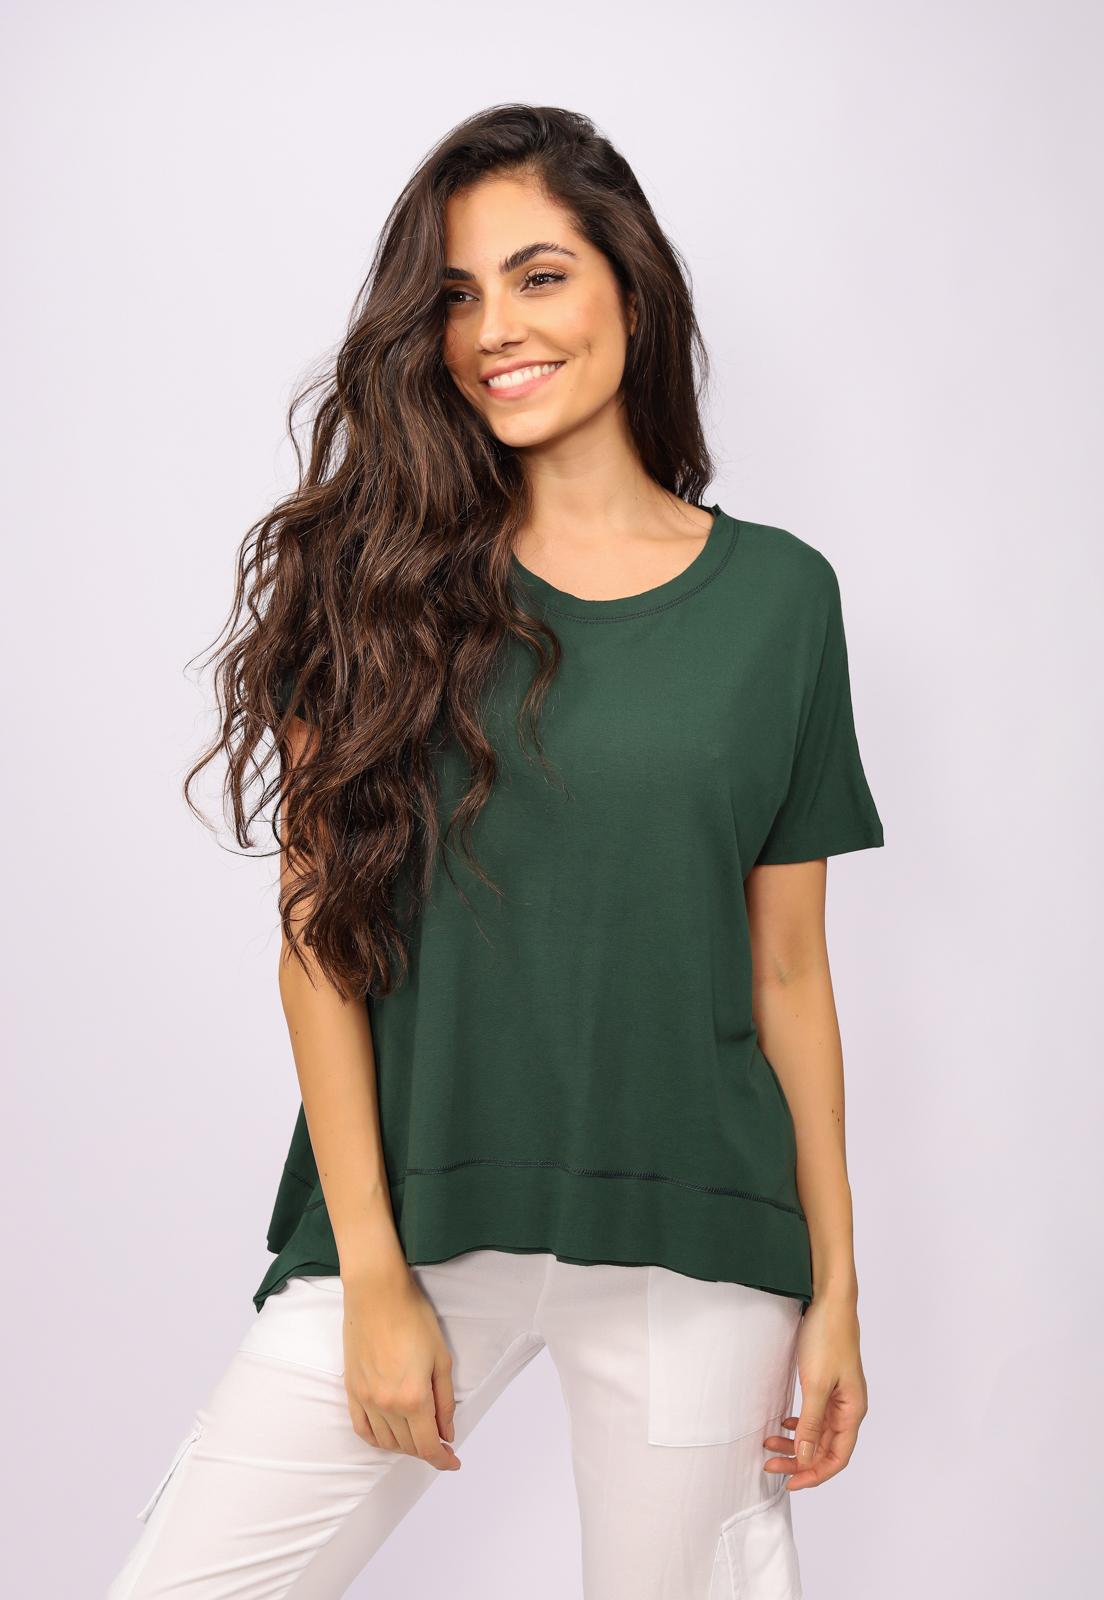 T-Shirt Malha Basic Verde Musgo